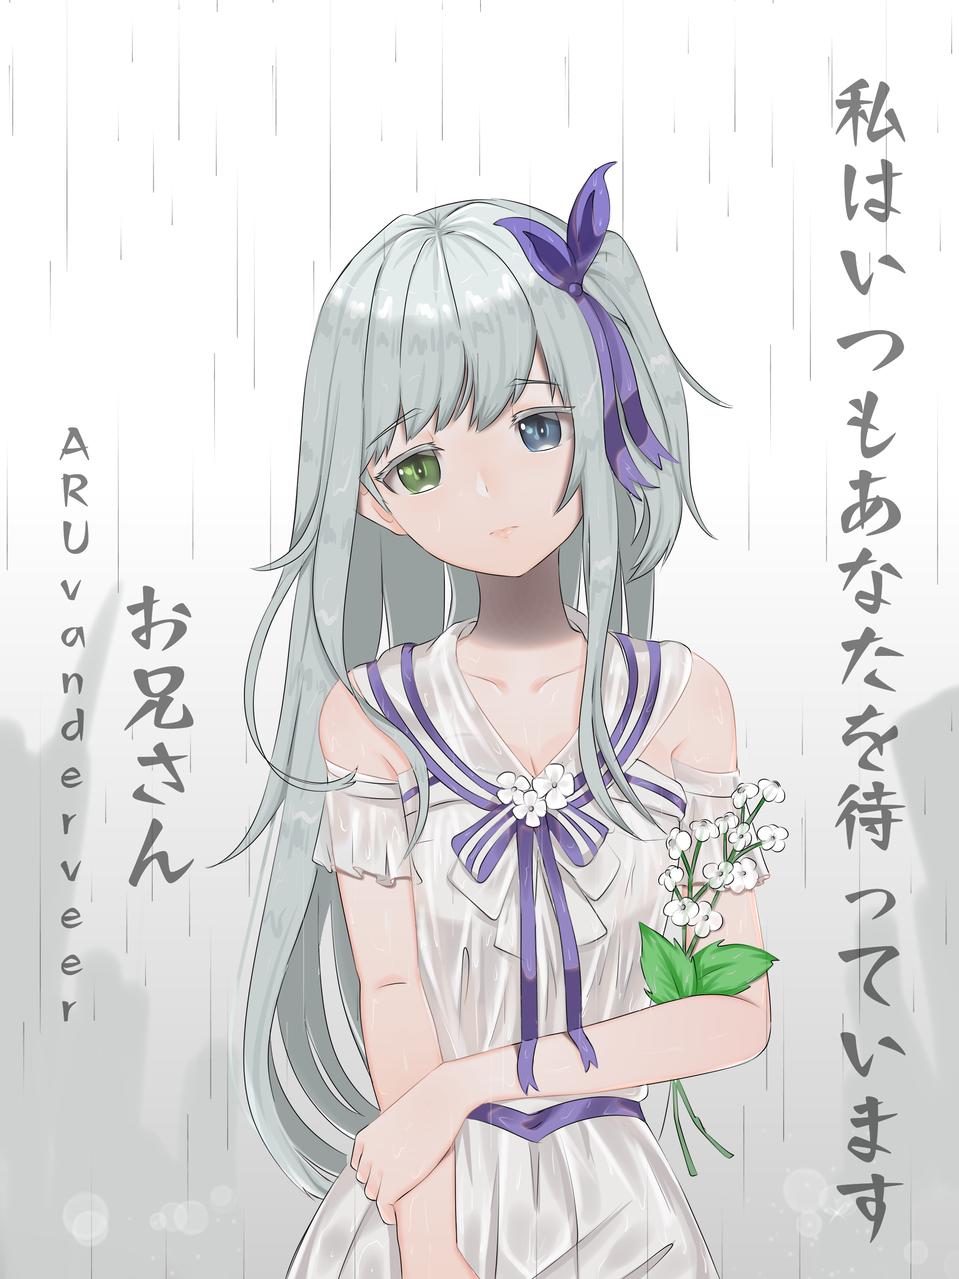 Rain Illust of Aru medibangpaint